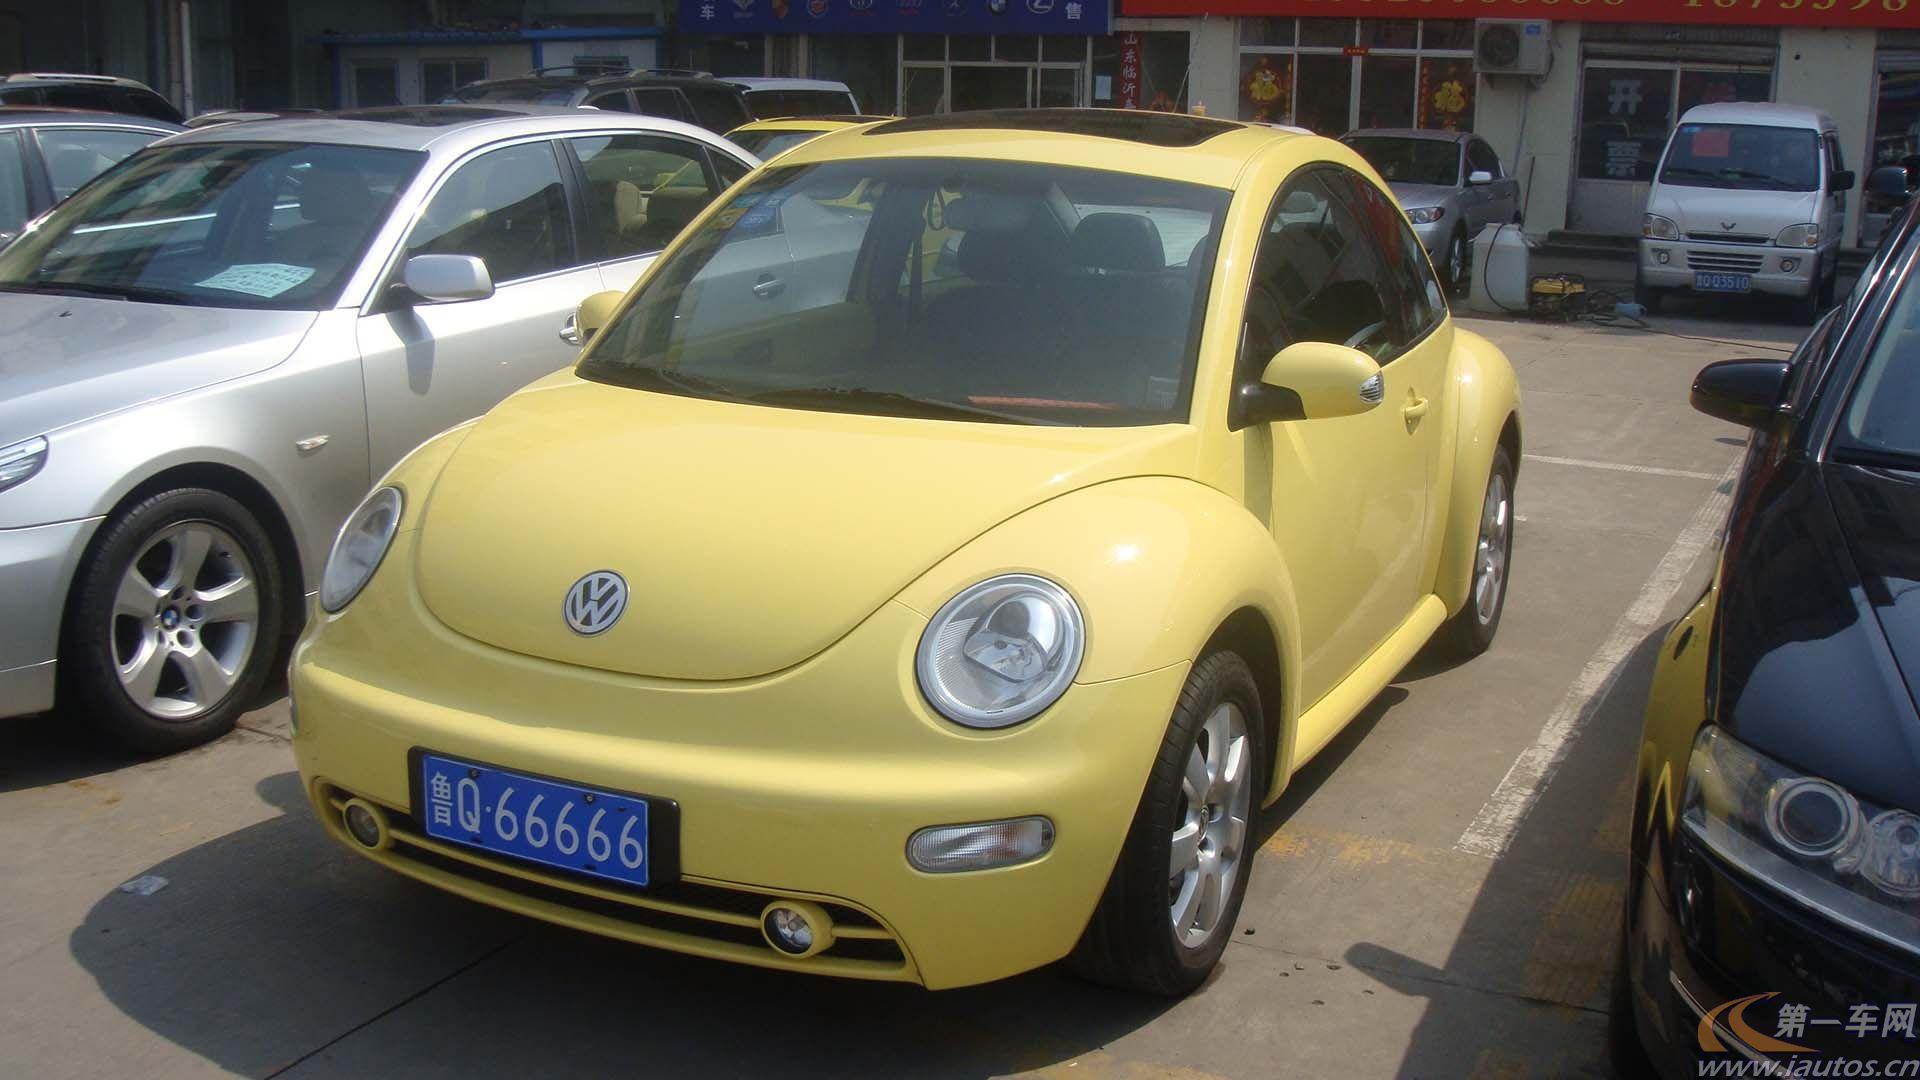 山东二手甲壳虫 04年山东二手甲壳虫 -按价格筛选车辆高清图片